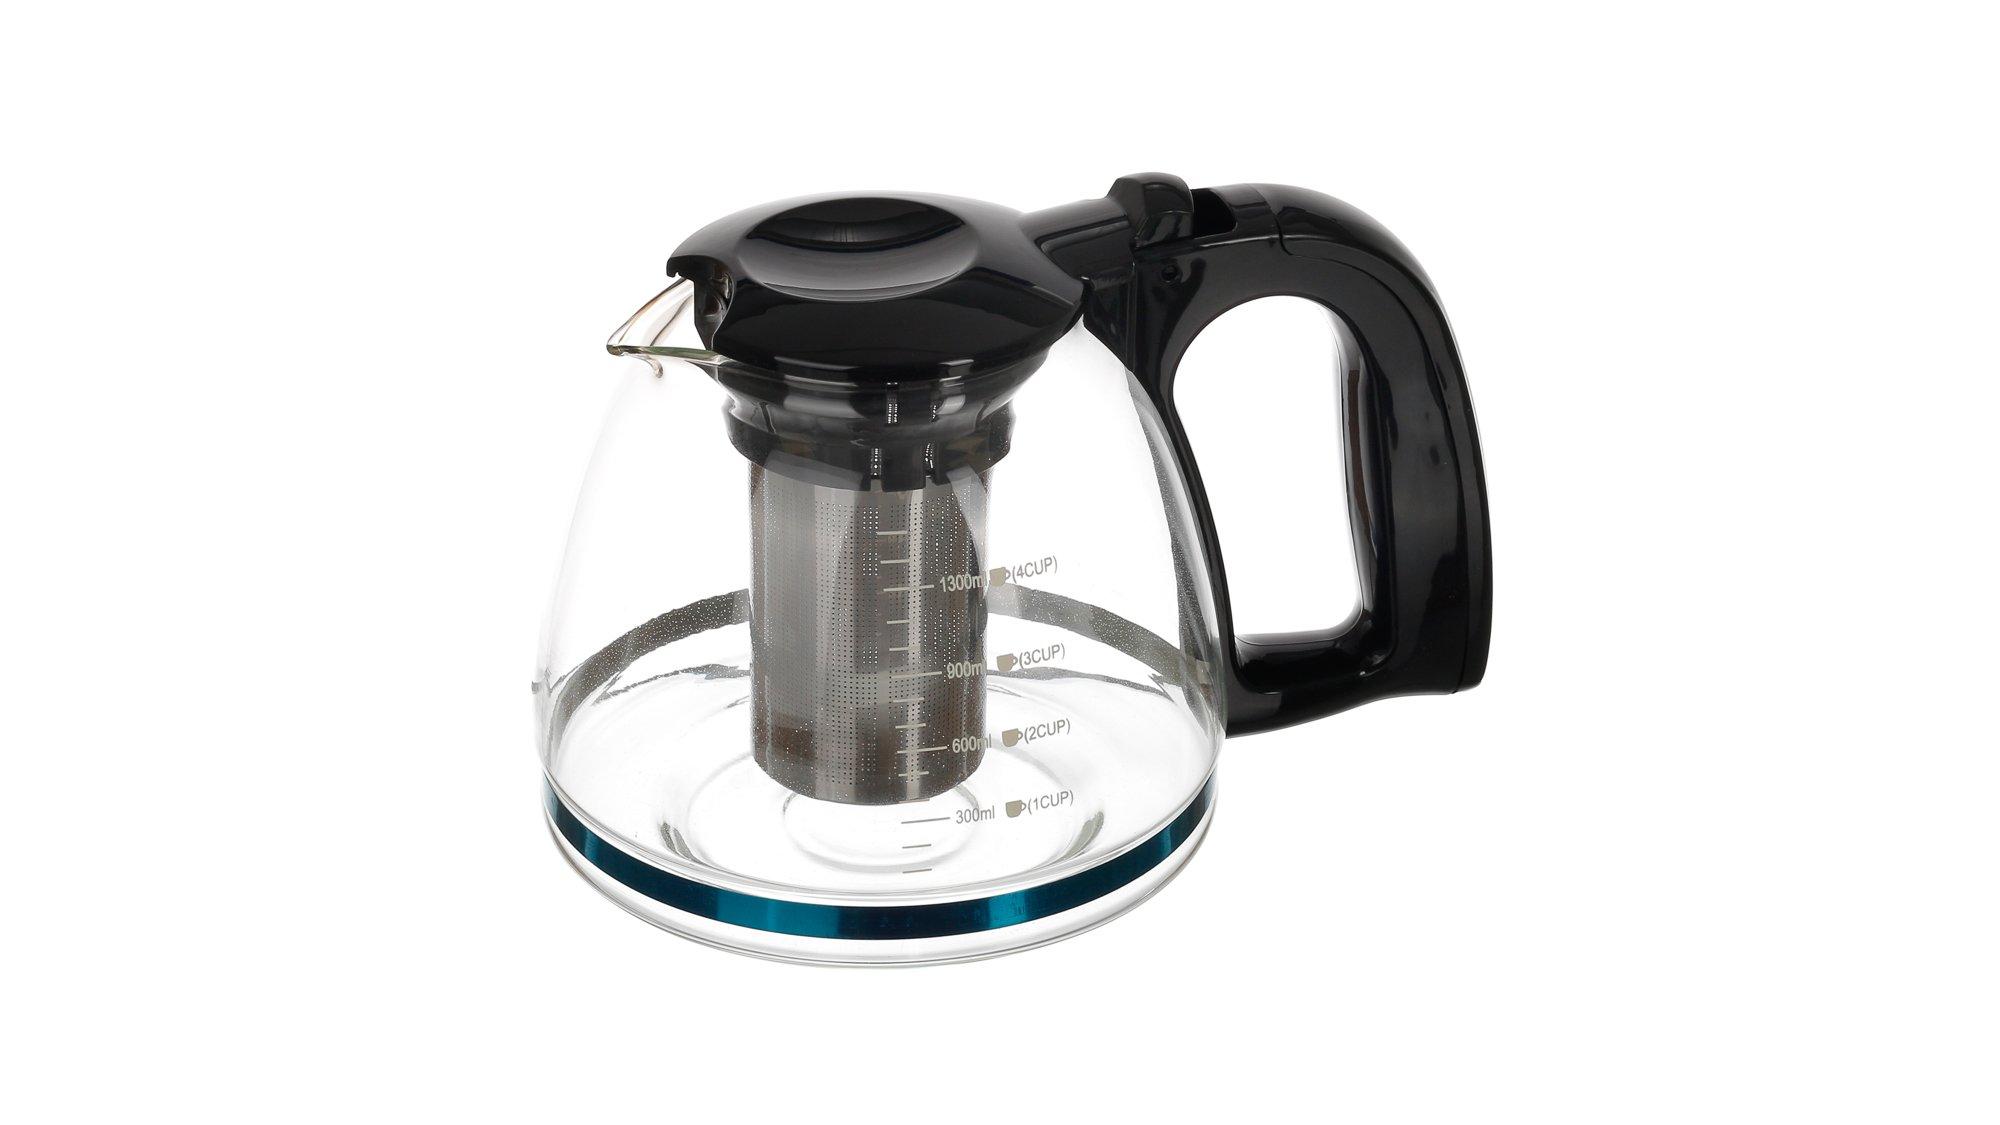 Çajnik Ebaniti Black 1,5 LT